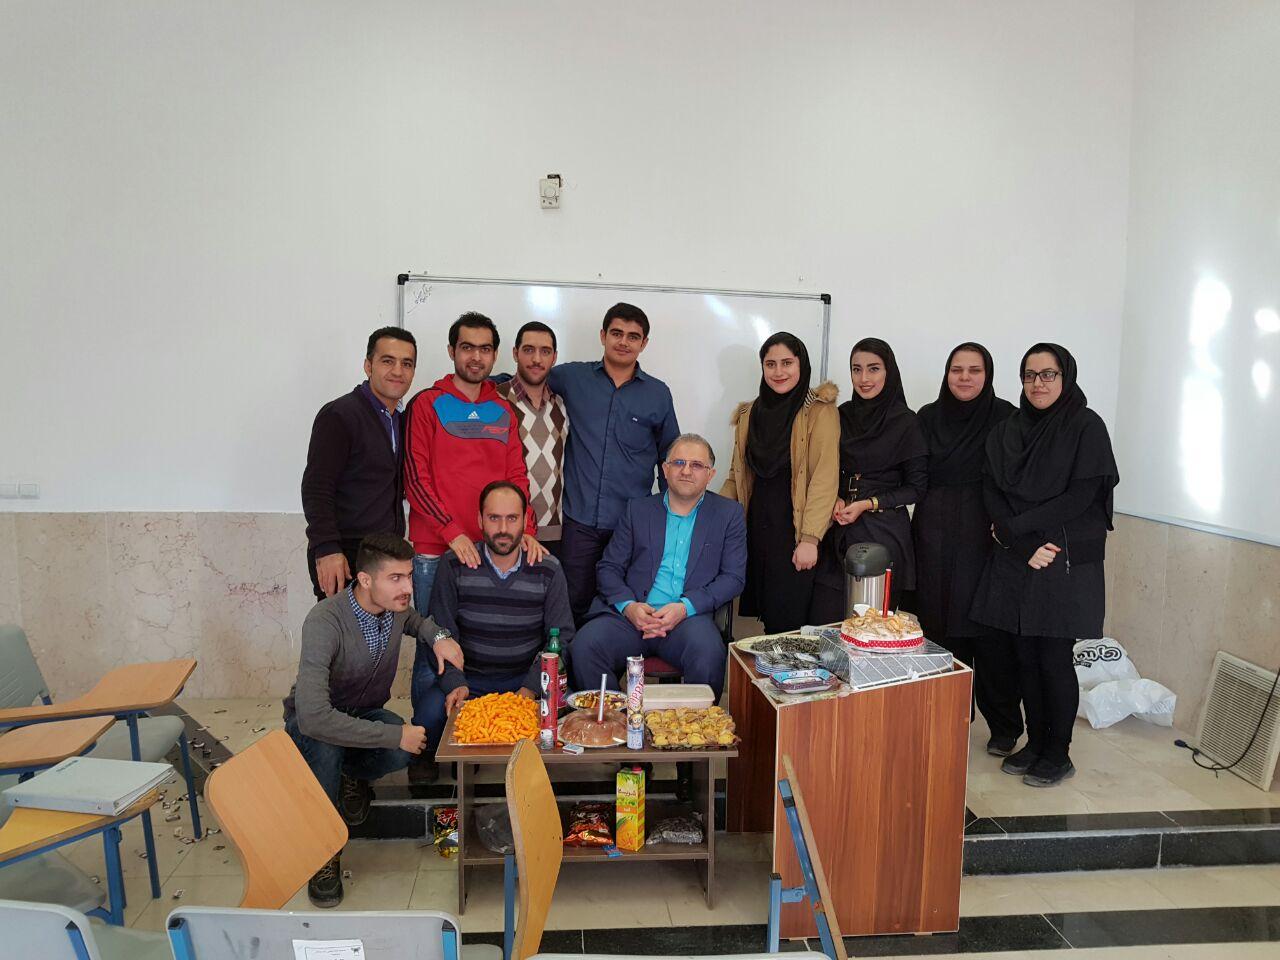 بچه های خوب و پر انرژی رشته مدیریت دولتی دانشگاه آزاد بهشهر